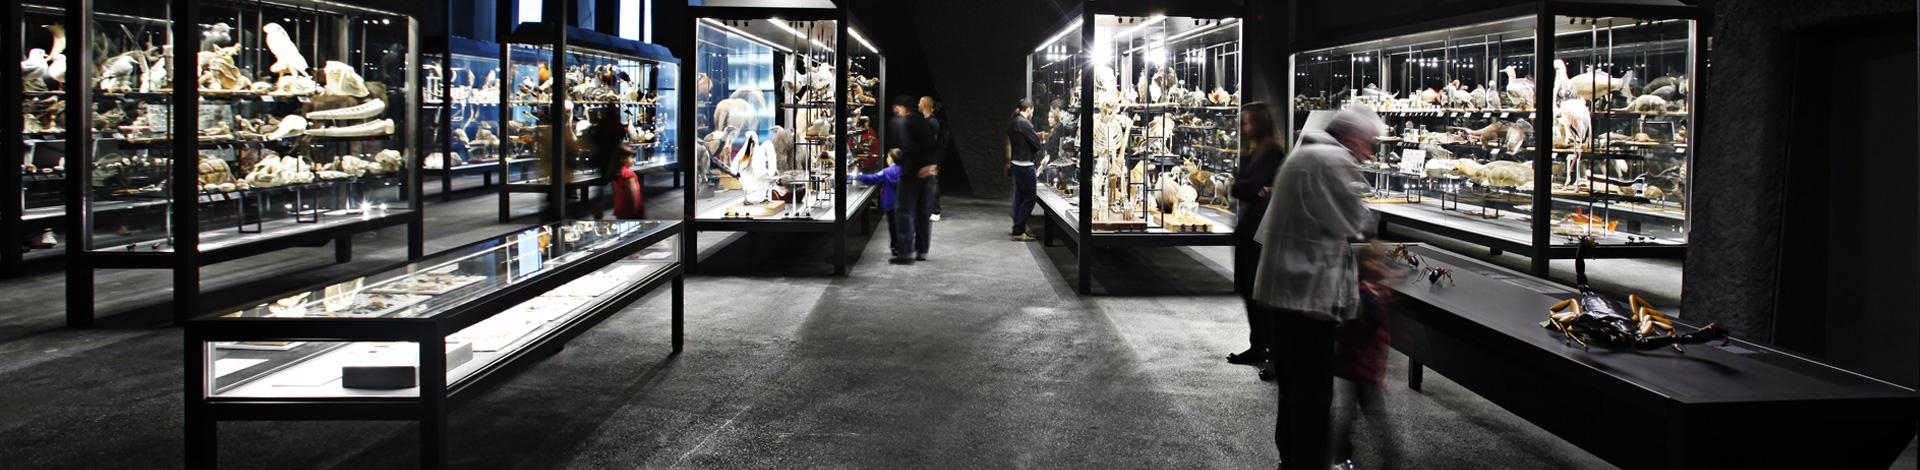 Visita el Museu amb el conservador